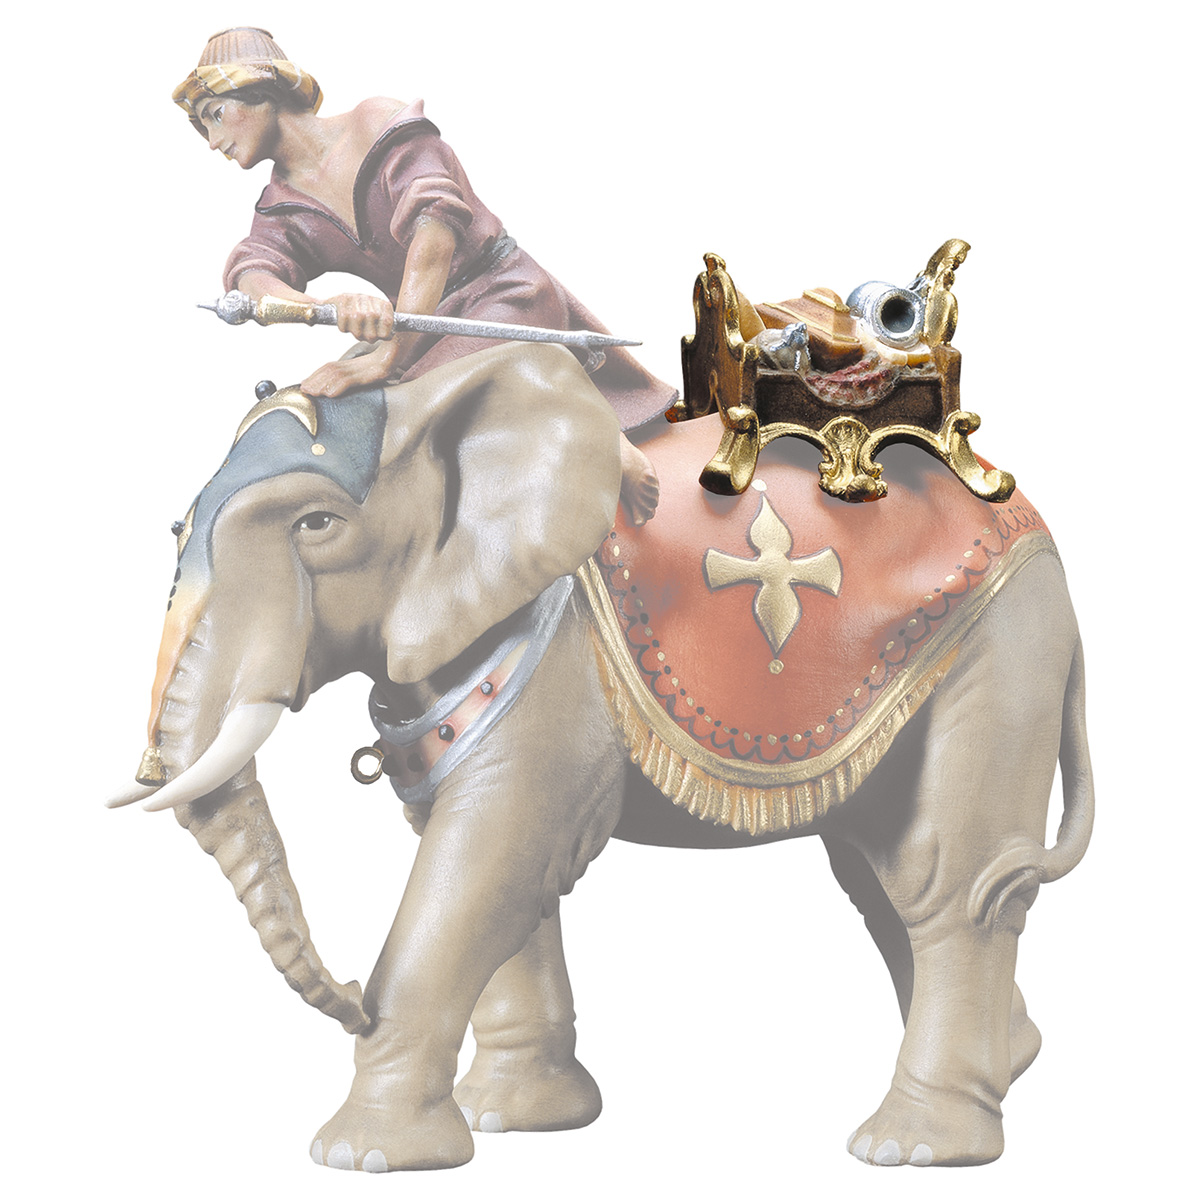 Schmucksattel (passend zu Elefant stehend)